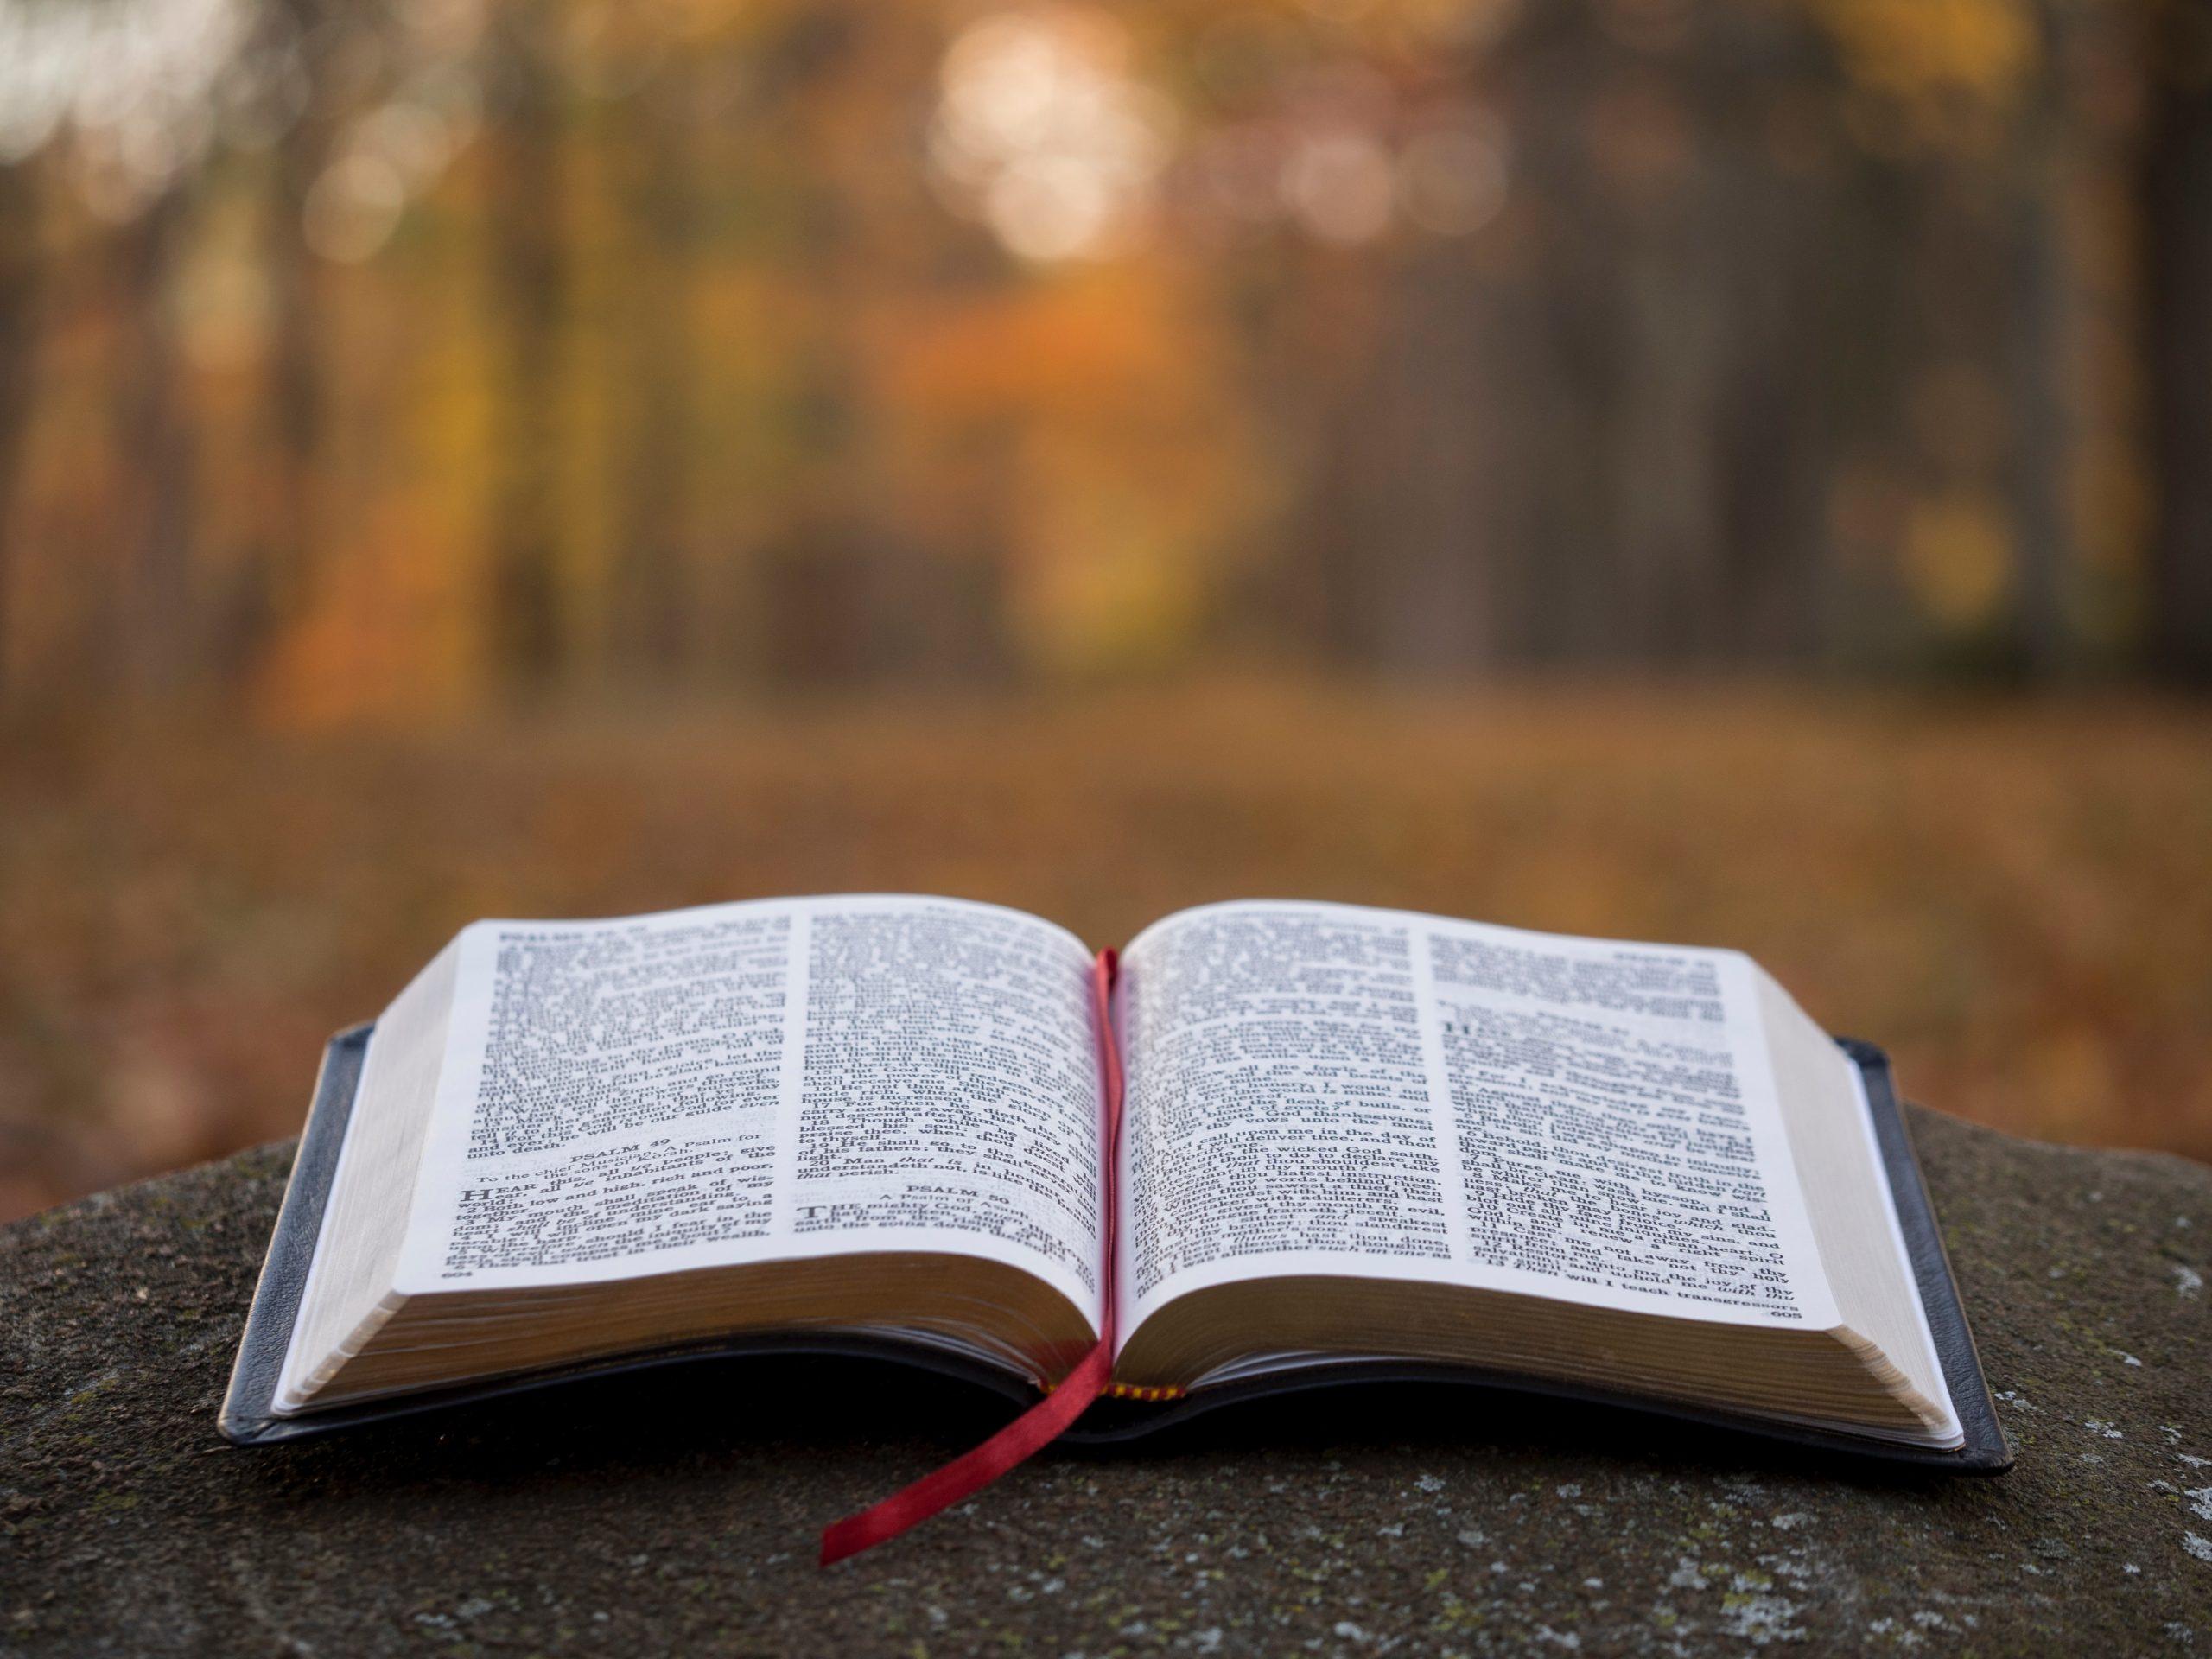 苦しいときの「神頼み」の効用。悩みや困りごと…神頼みするべき?